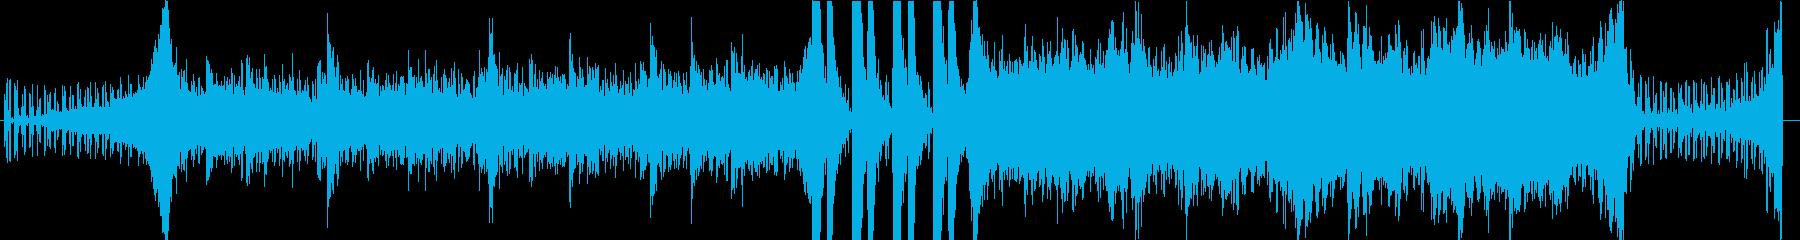 緊迫した瞬間をイメージした曲です。の再生済みの波形